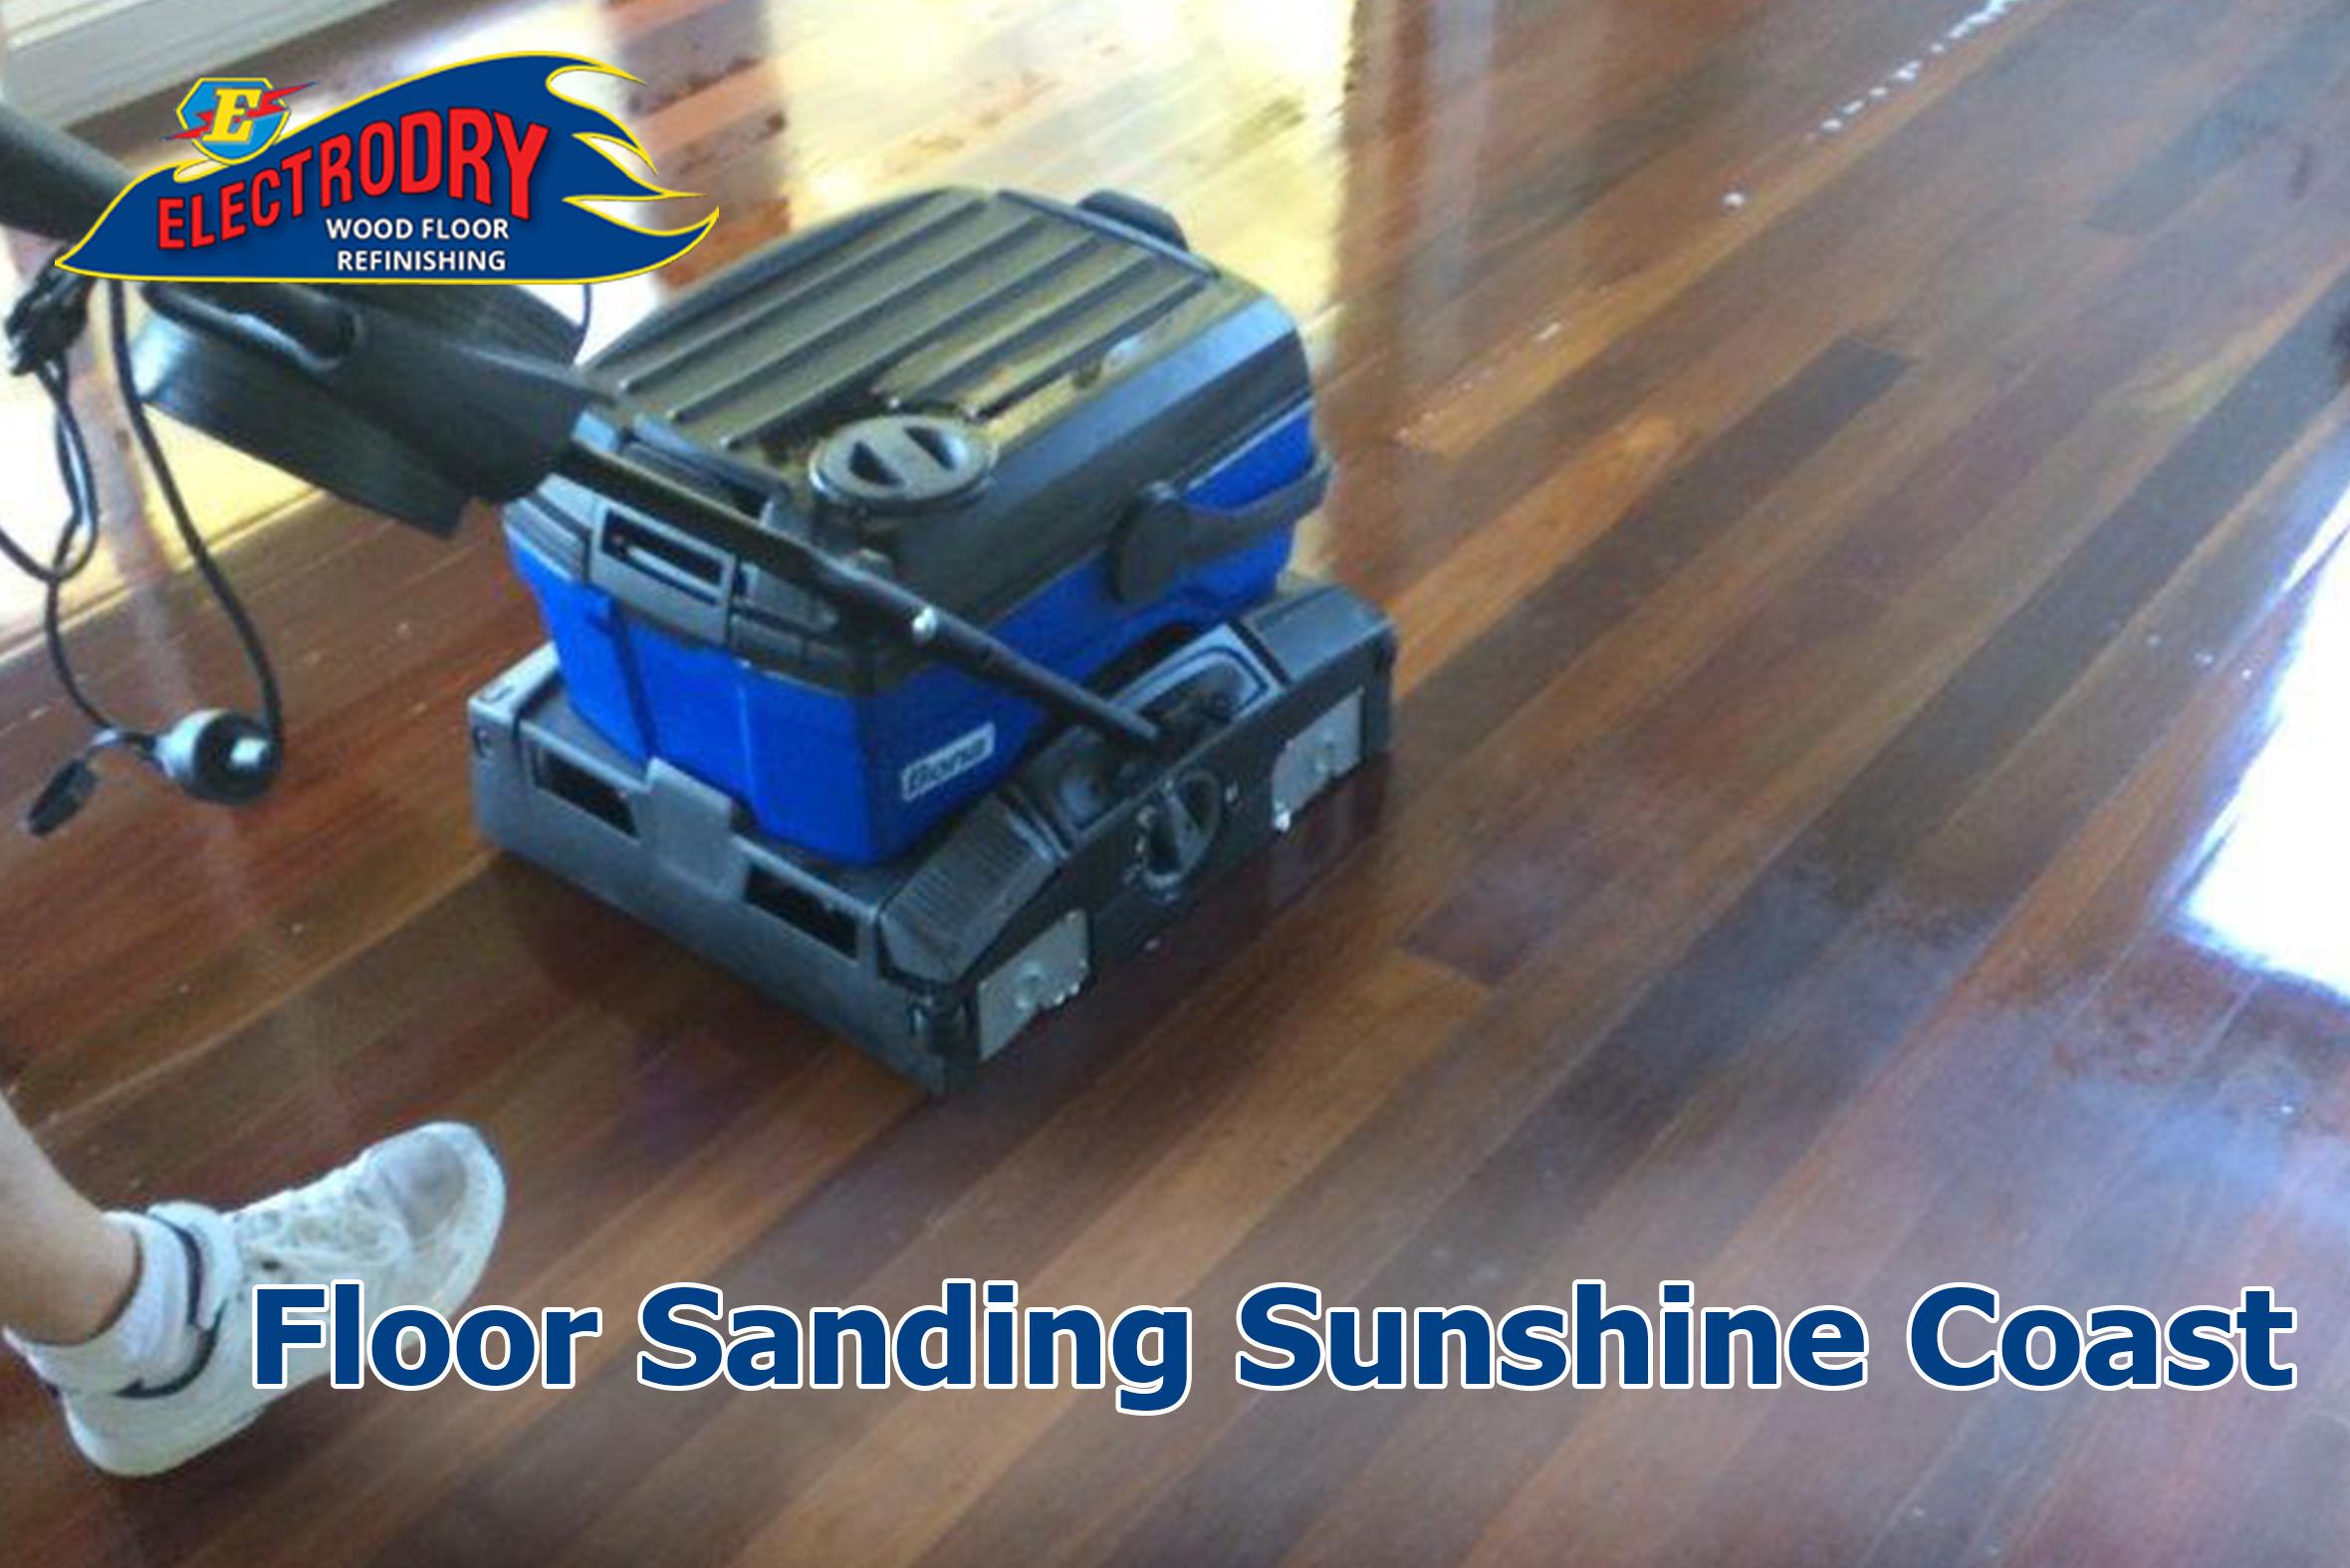 Floor Sanding Sunshine Coast